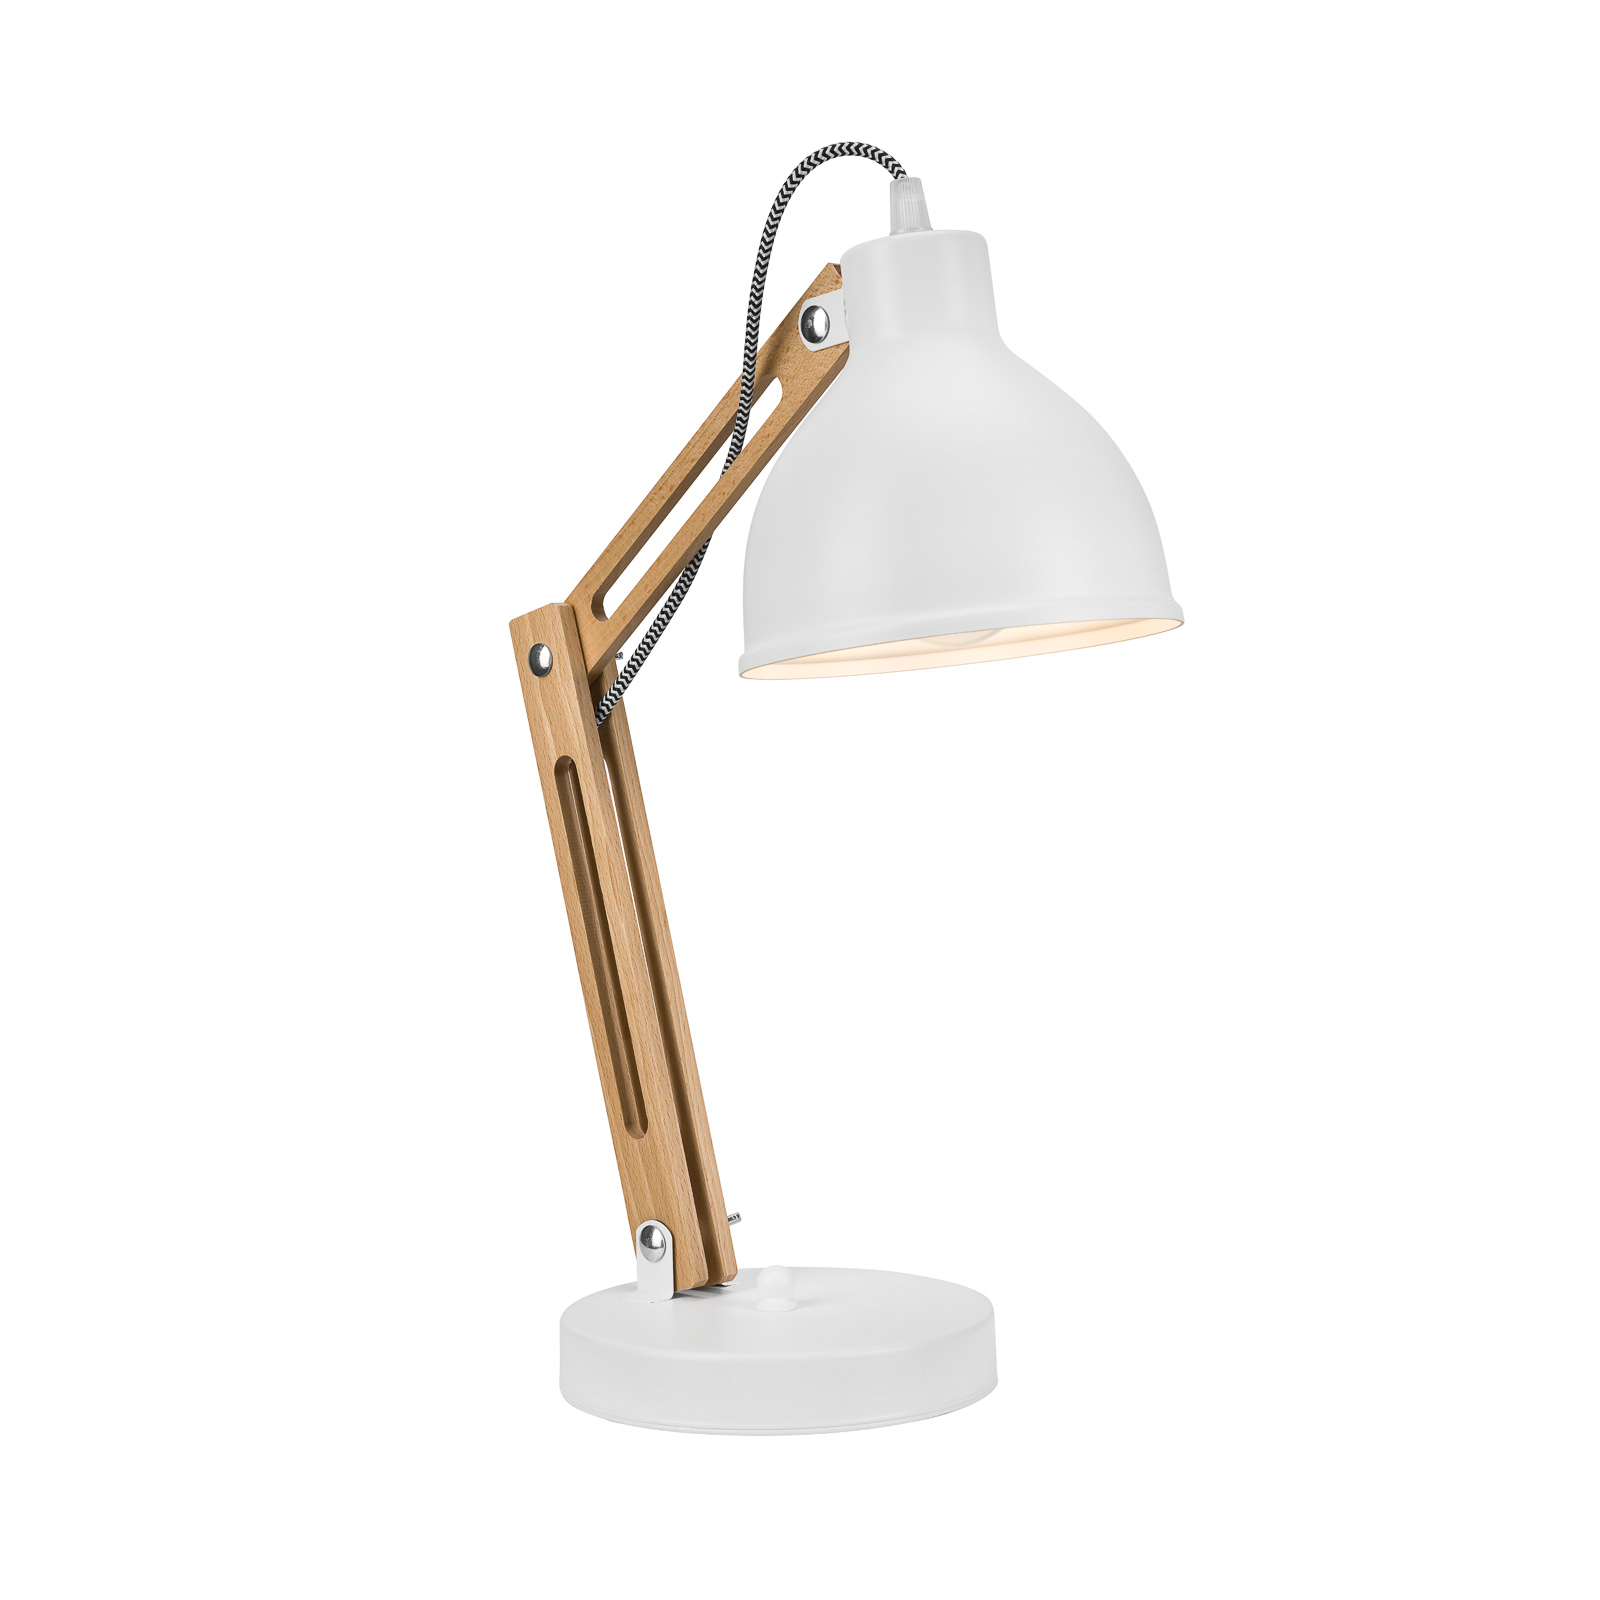 Tischlampe Skansen, verstellbar, weiß